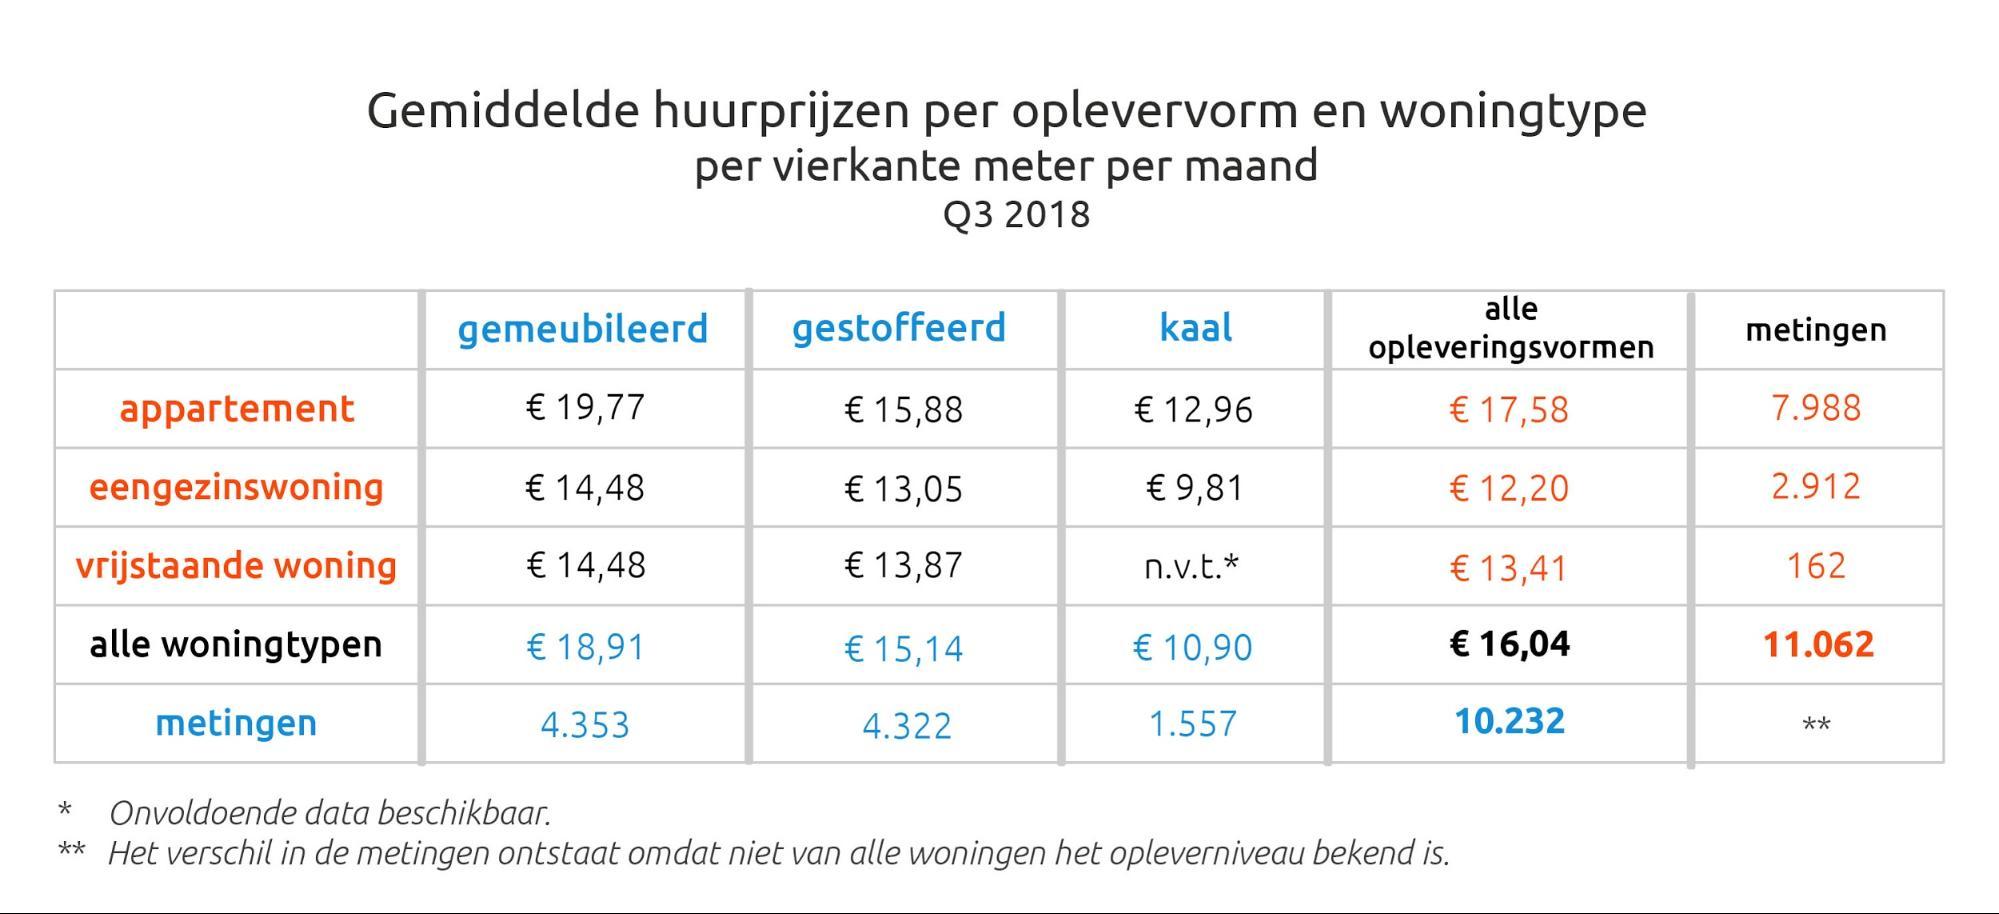 Gemiddelde Huurprijzen Per Oplevervorm En Woningtype Per Vierkante Meter Per Maand